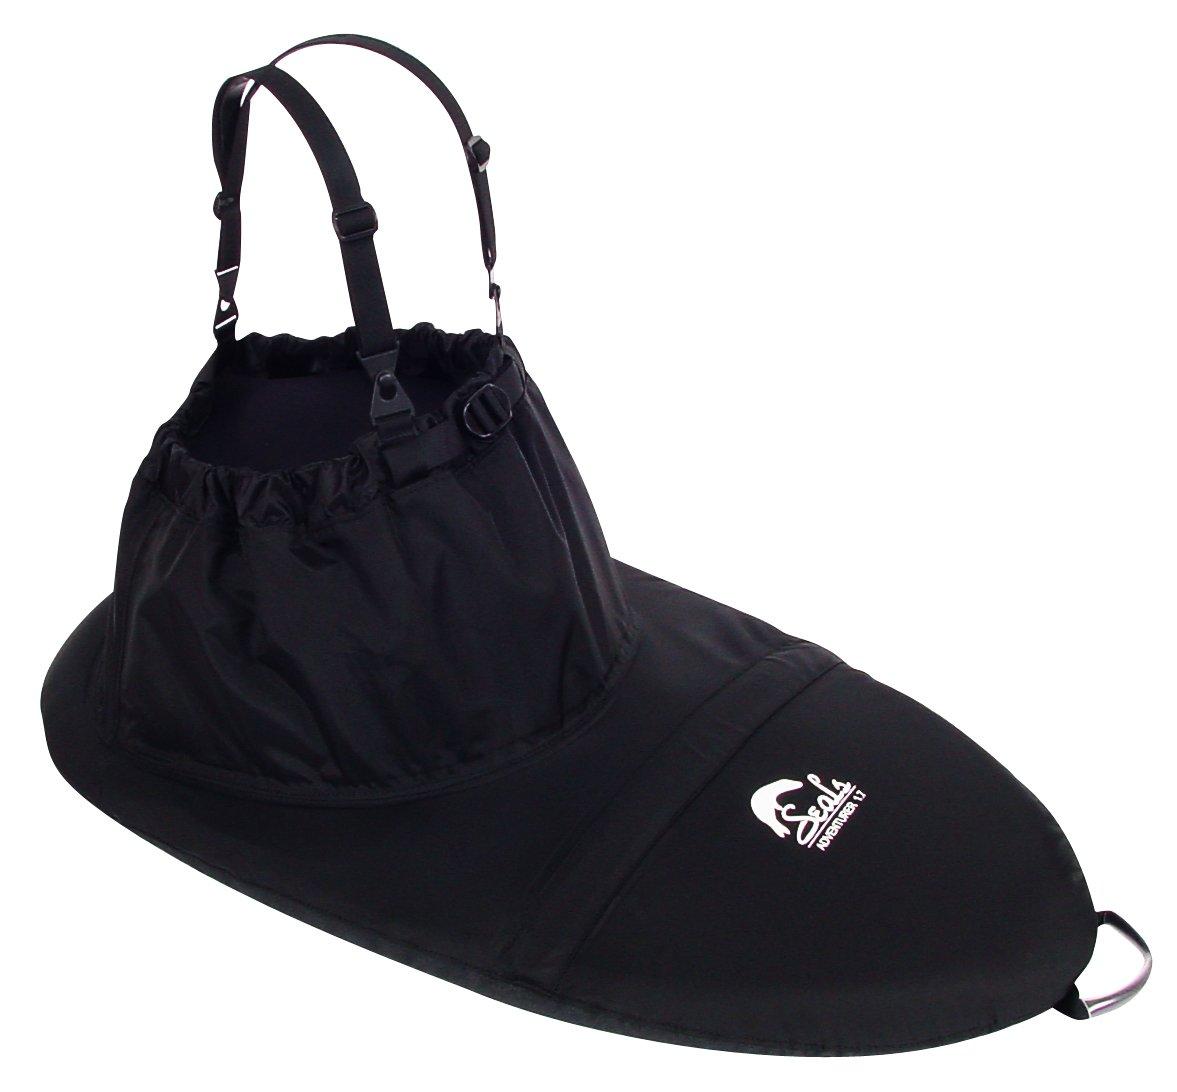 SEALS Adventurer Sprayskirt, 7.0 Black One Size